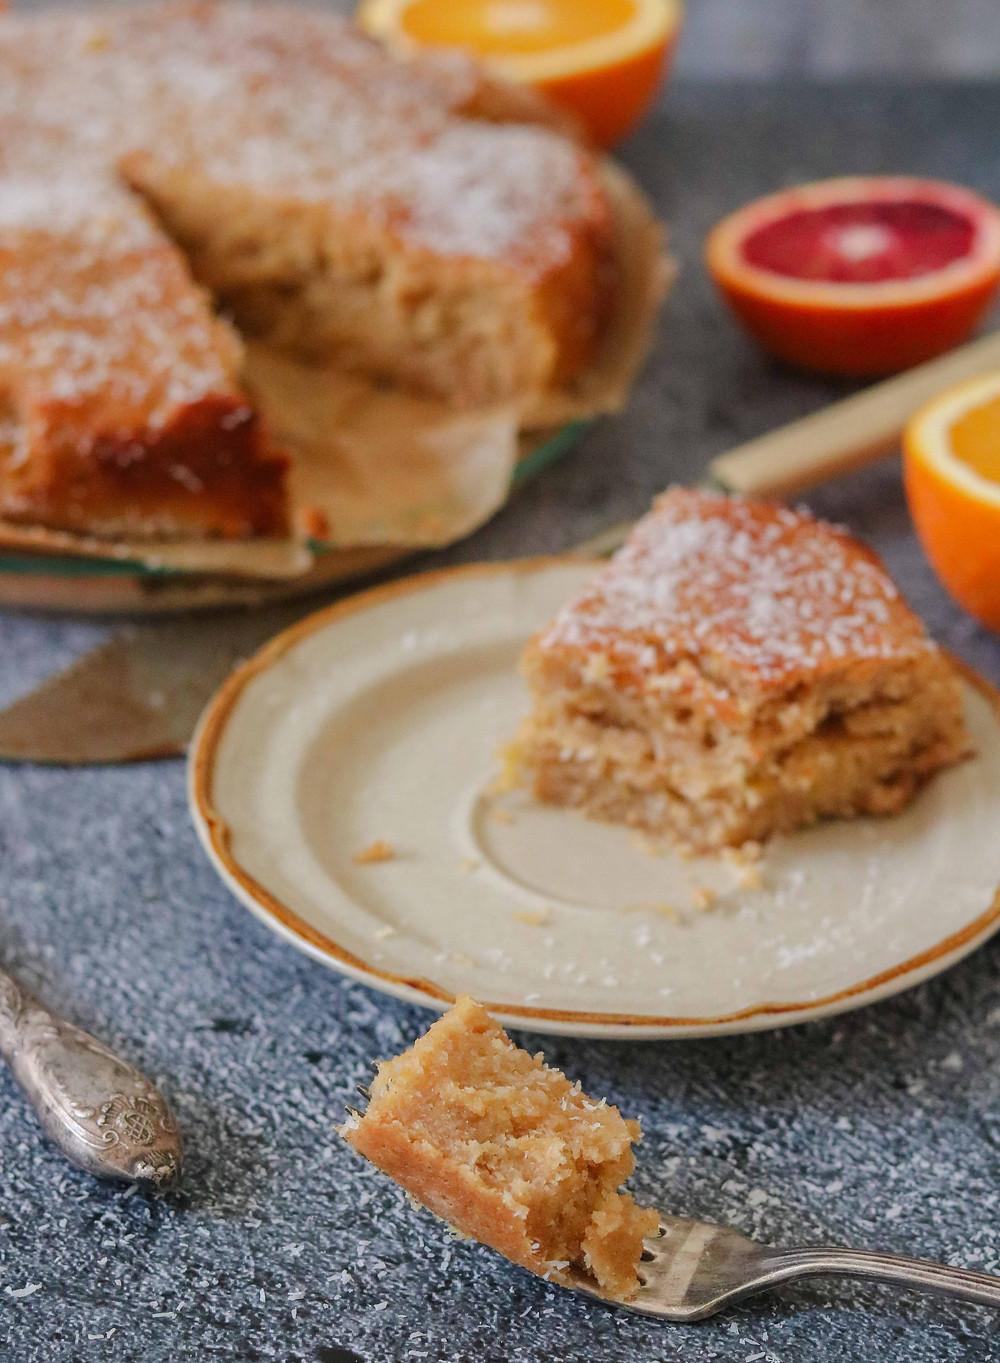 עוגת תפוזים טבעונית מקמח כוסמין מלא מזינה בריאה וטעימה